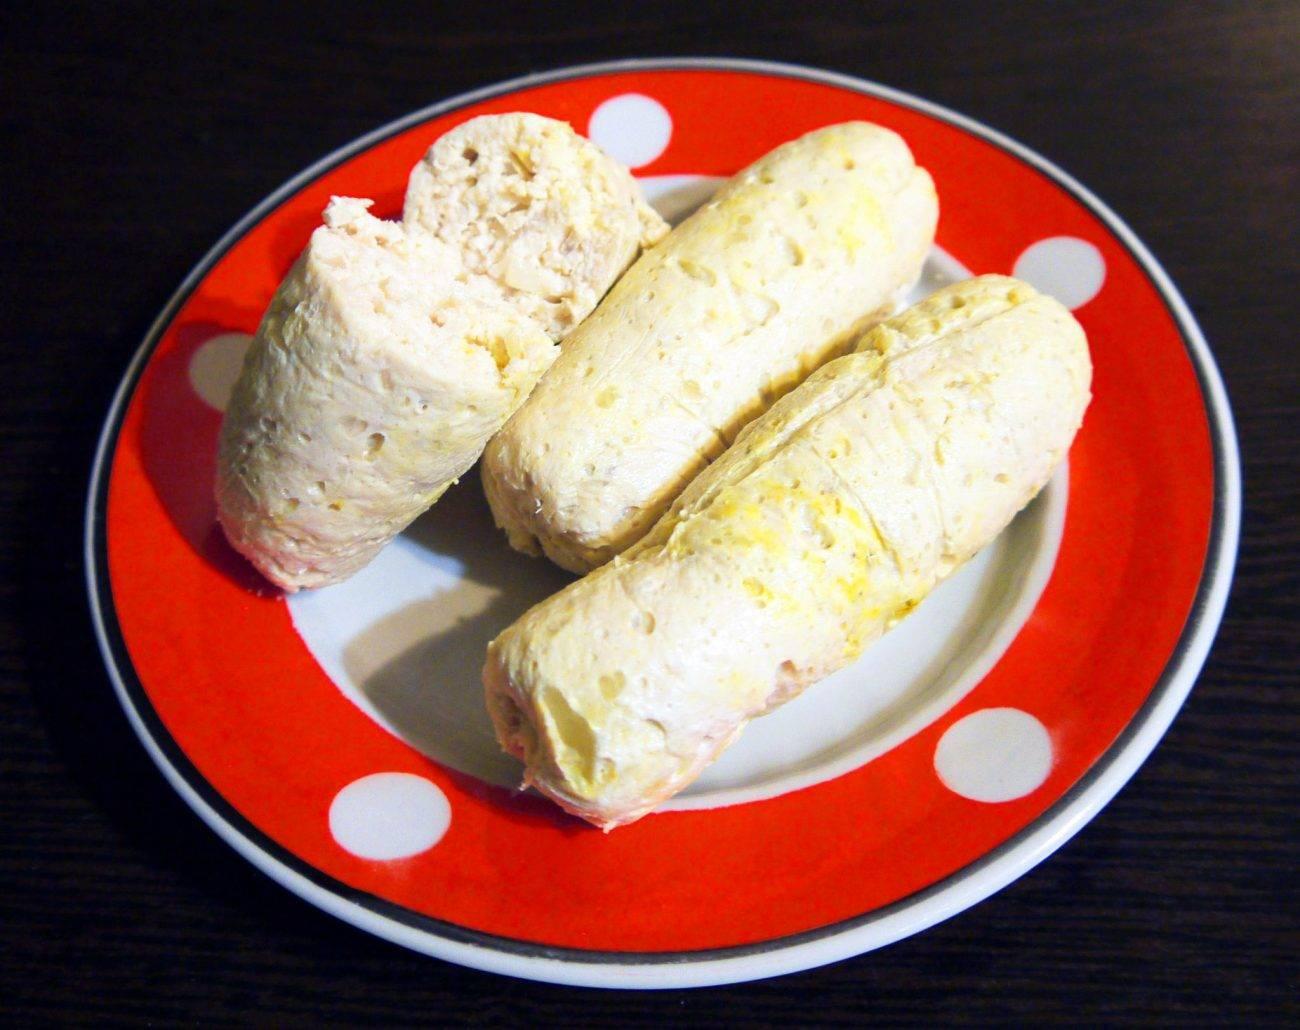 Рис с курицей в мультиварке - простые и восхитительно вкусные блюда на каждый день!